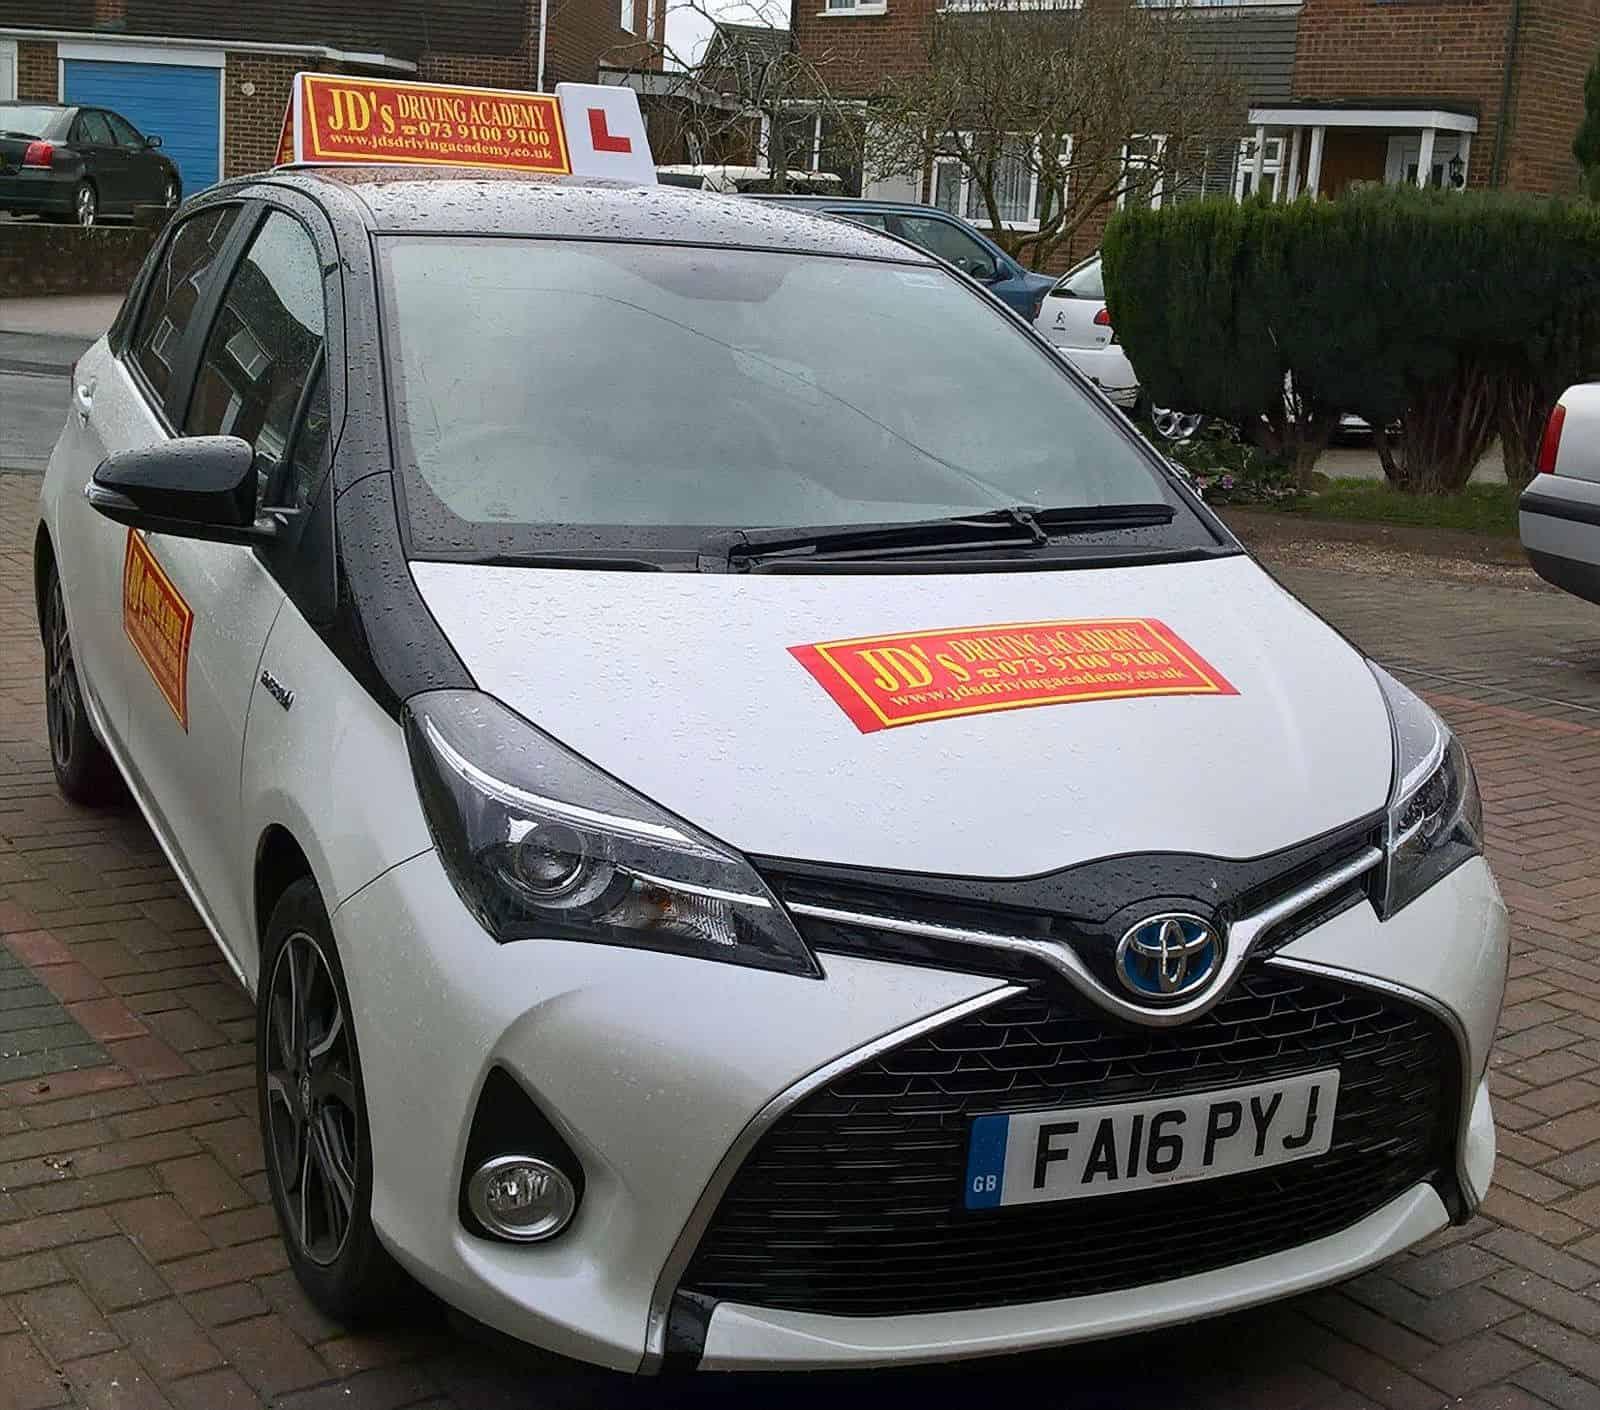 driving manual car in uk